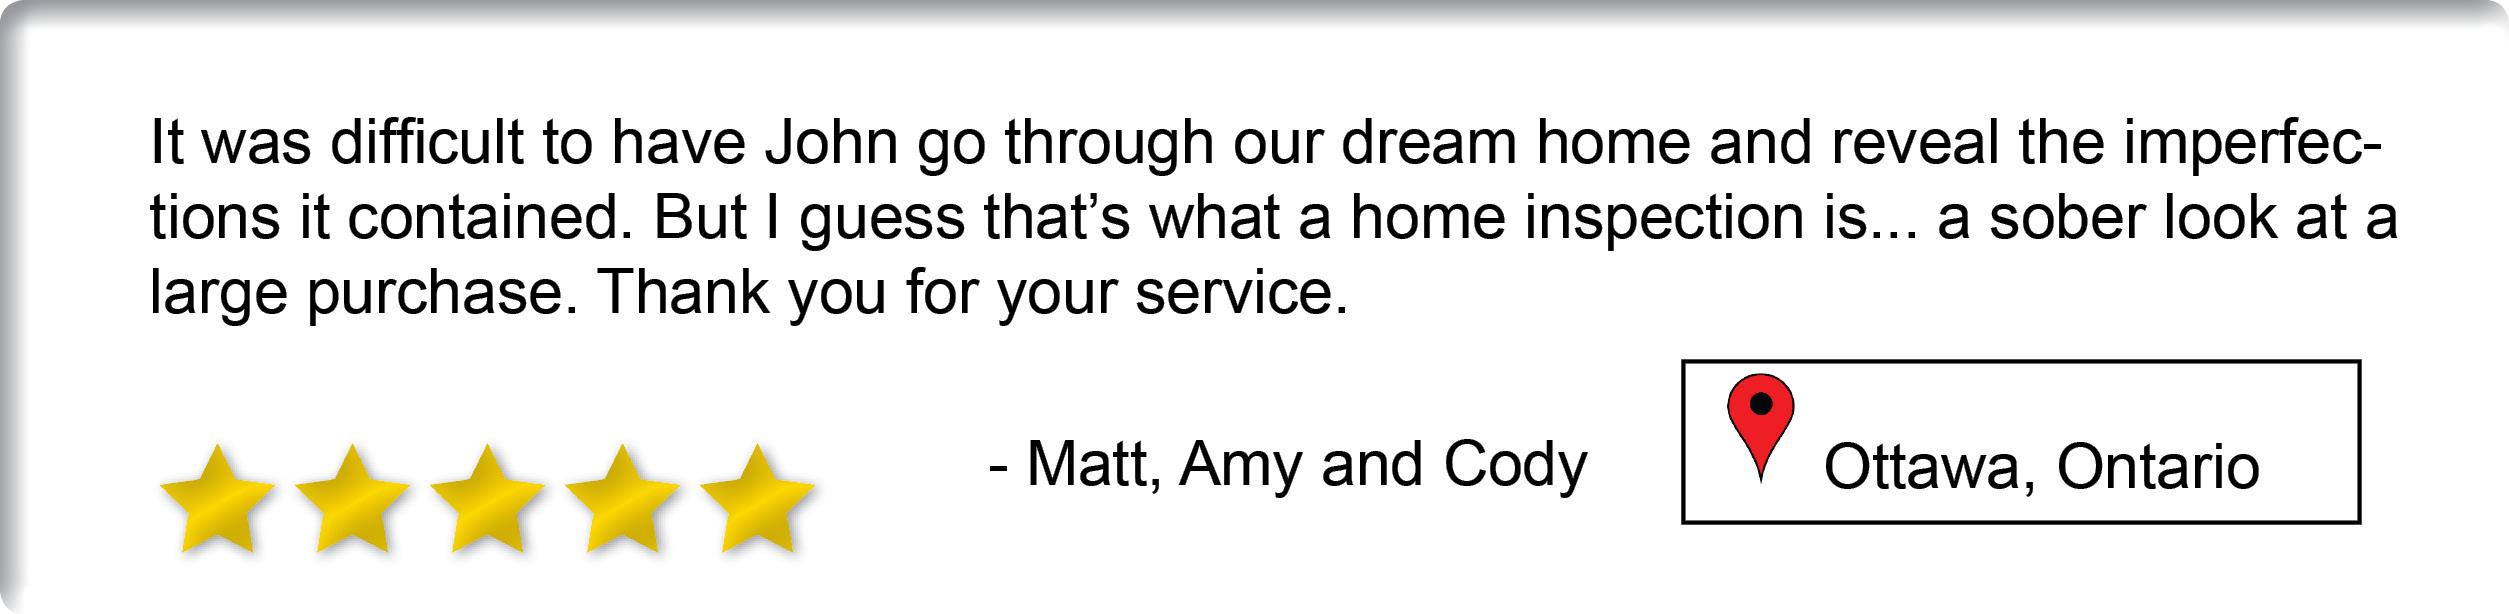 Matt, Amy and Cody